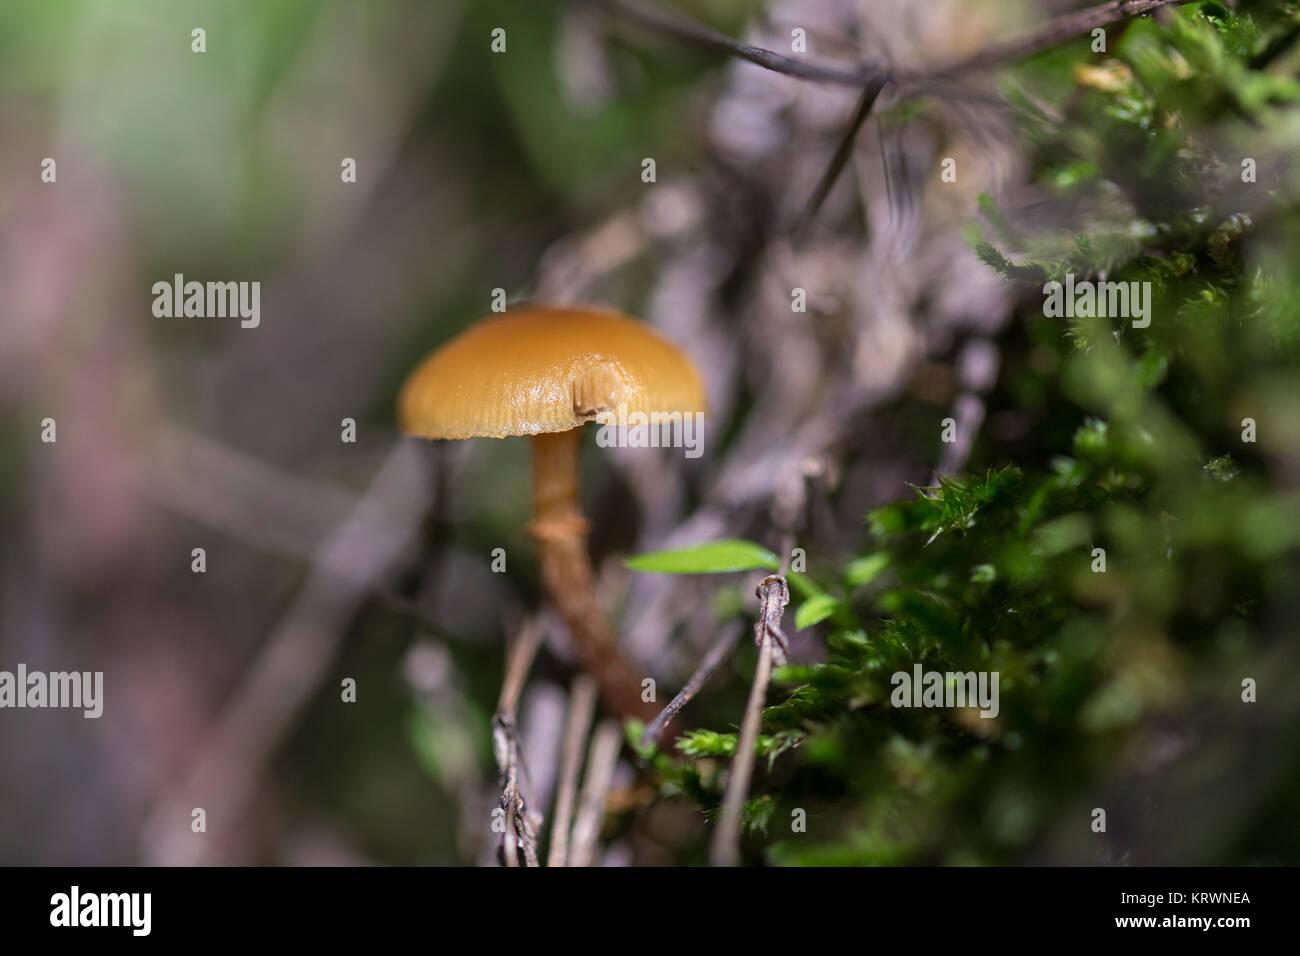 Piccolo fungo arancione fotografato in un bosco di castagni. Immagini Stock